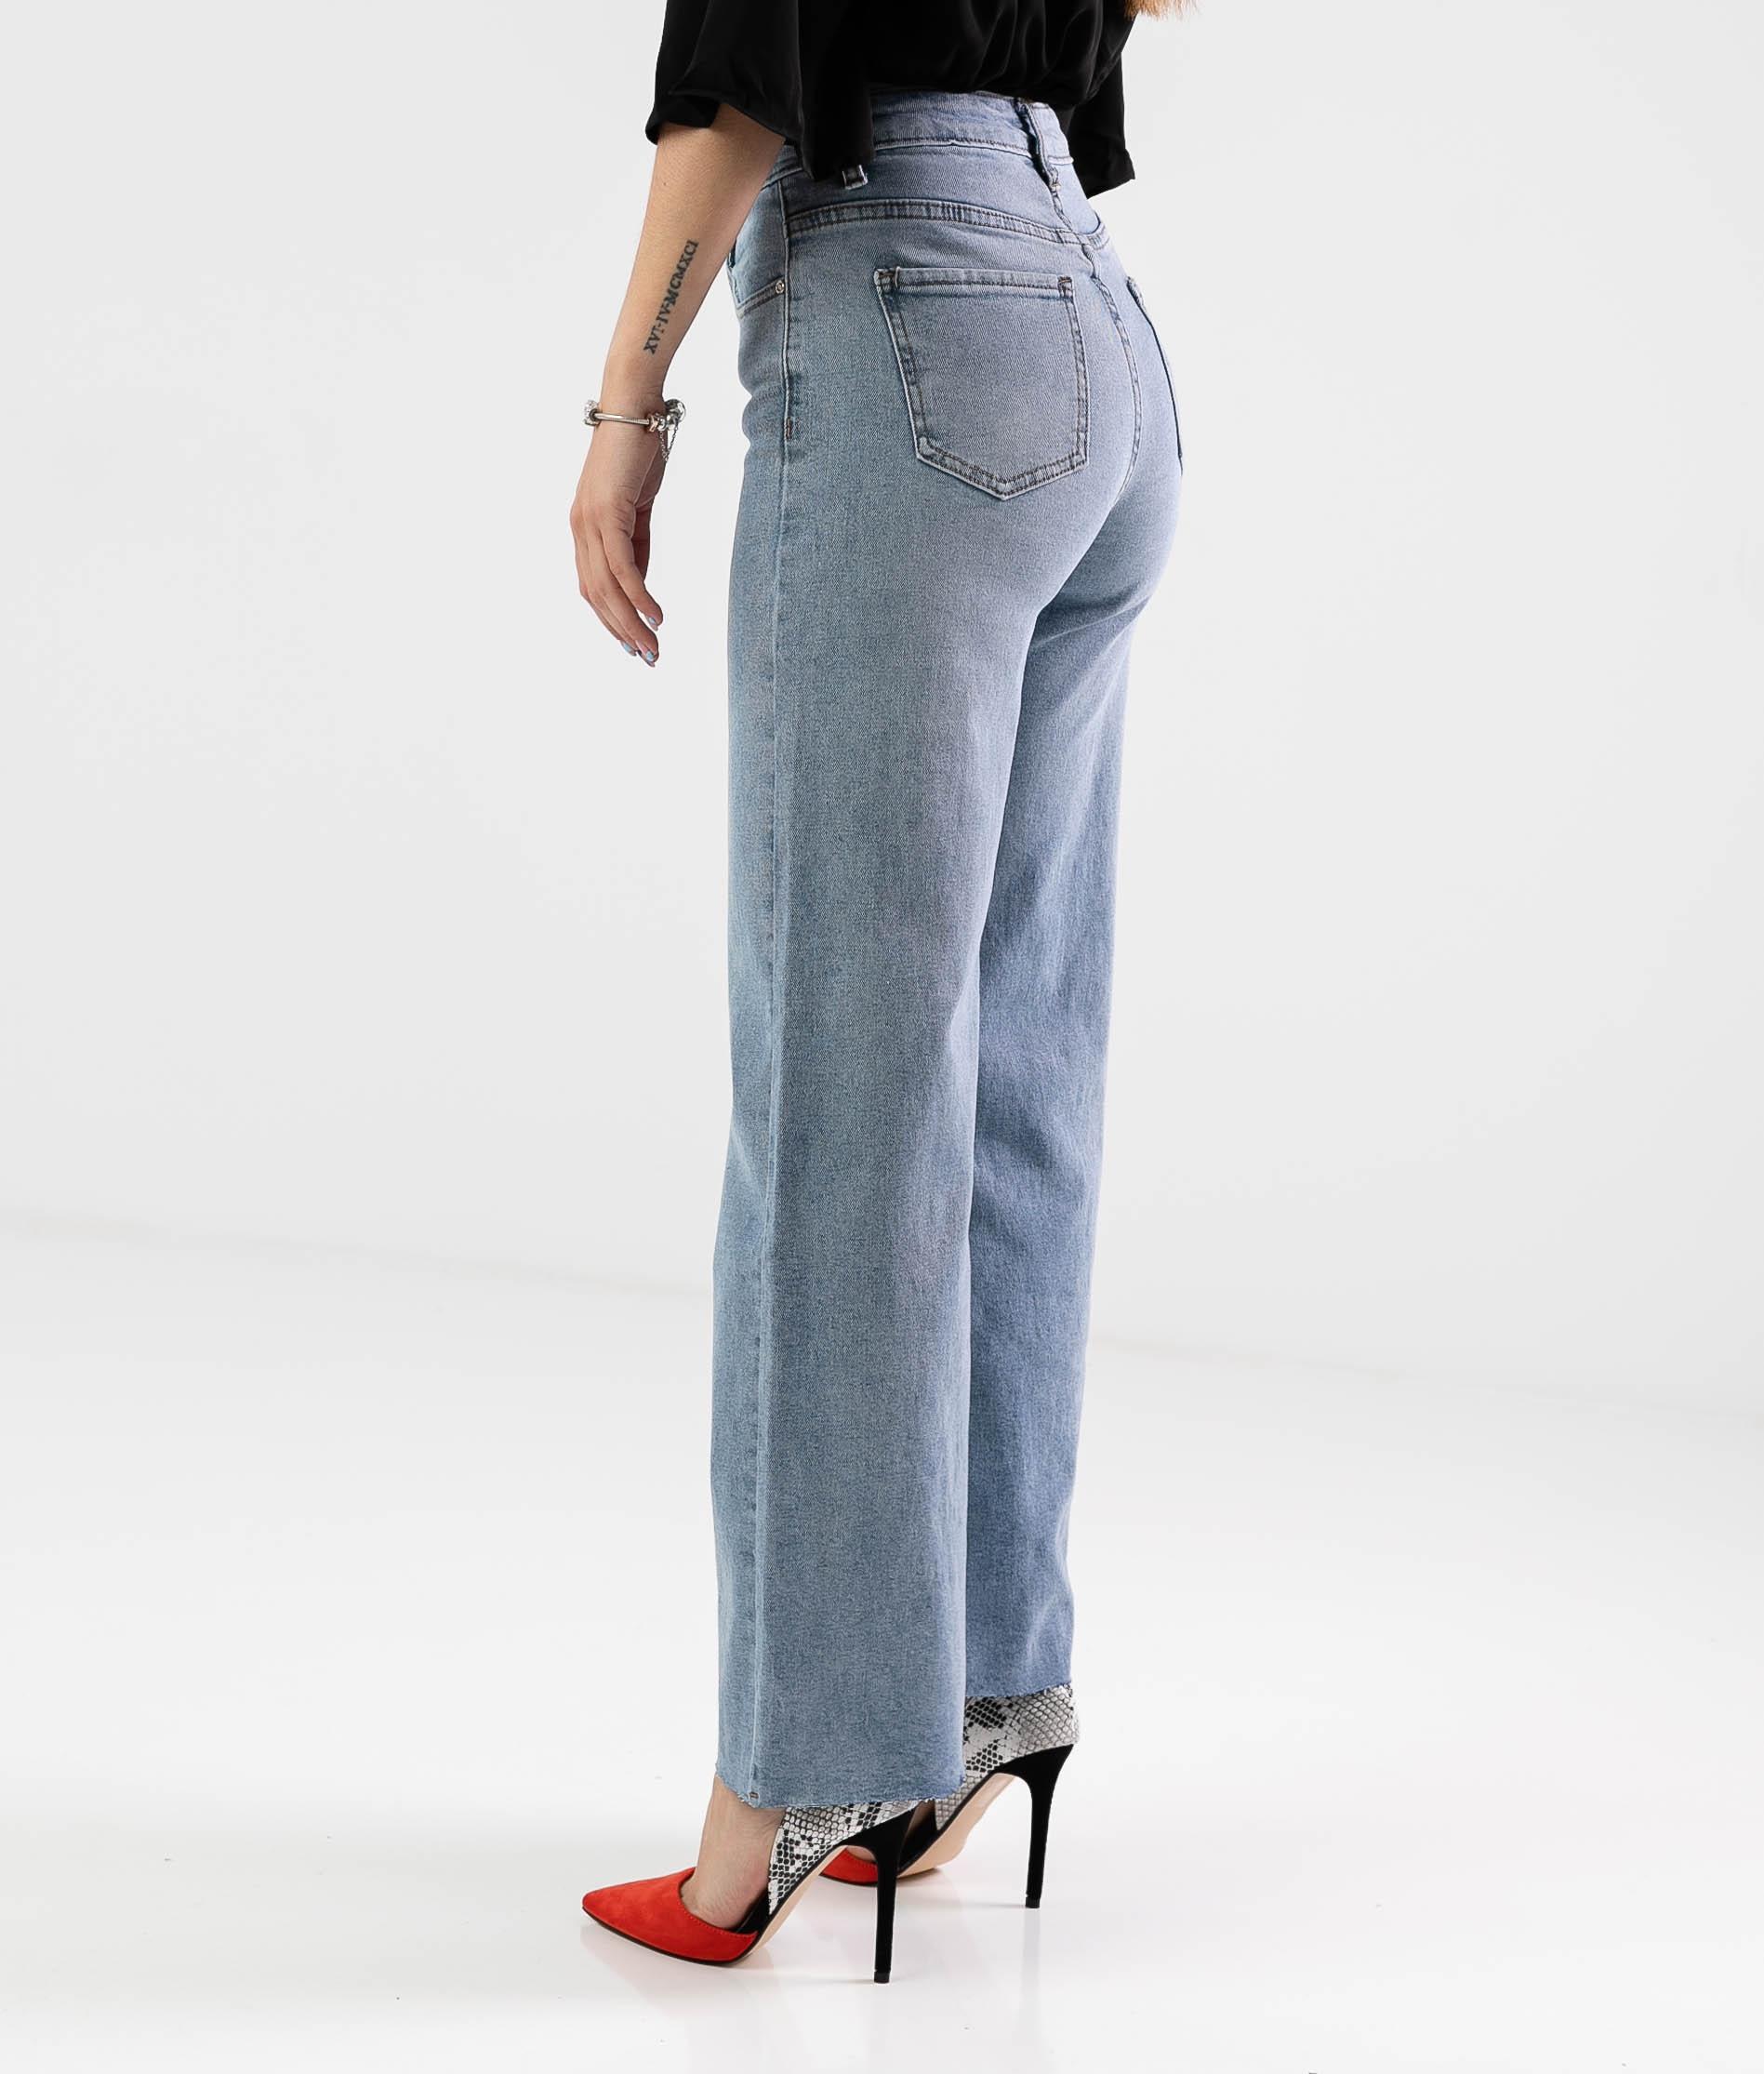 Pantalon Framel - Denim